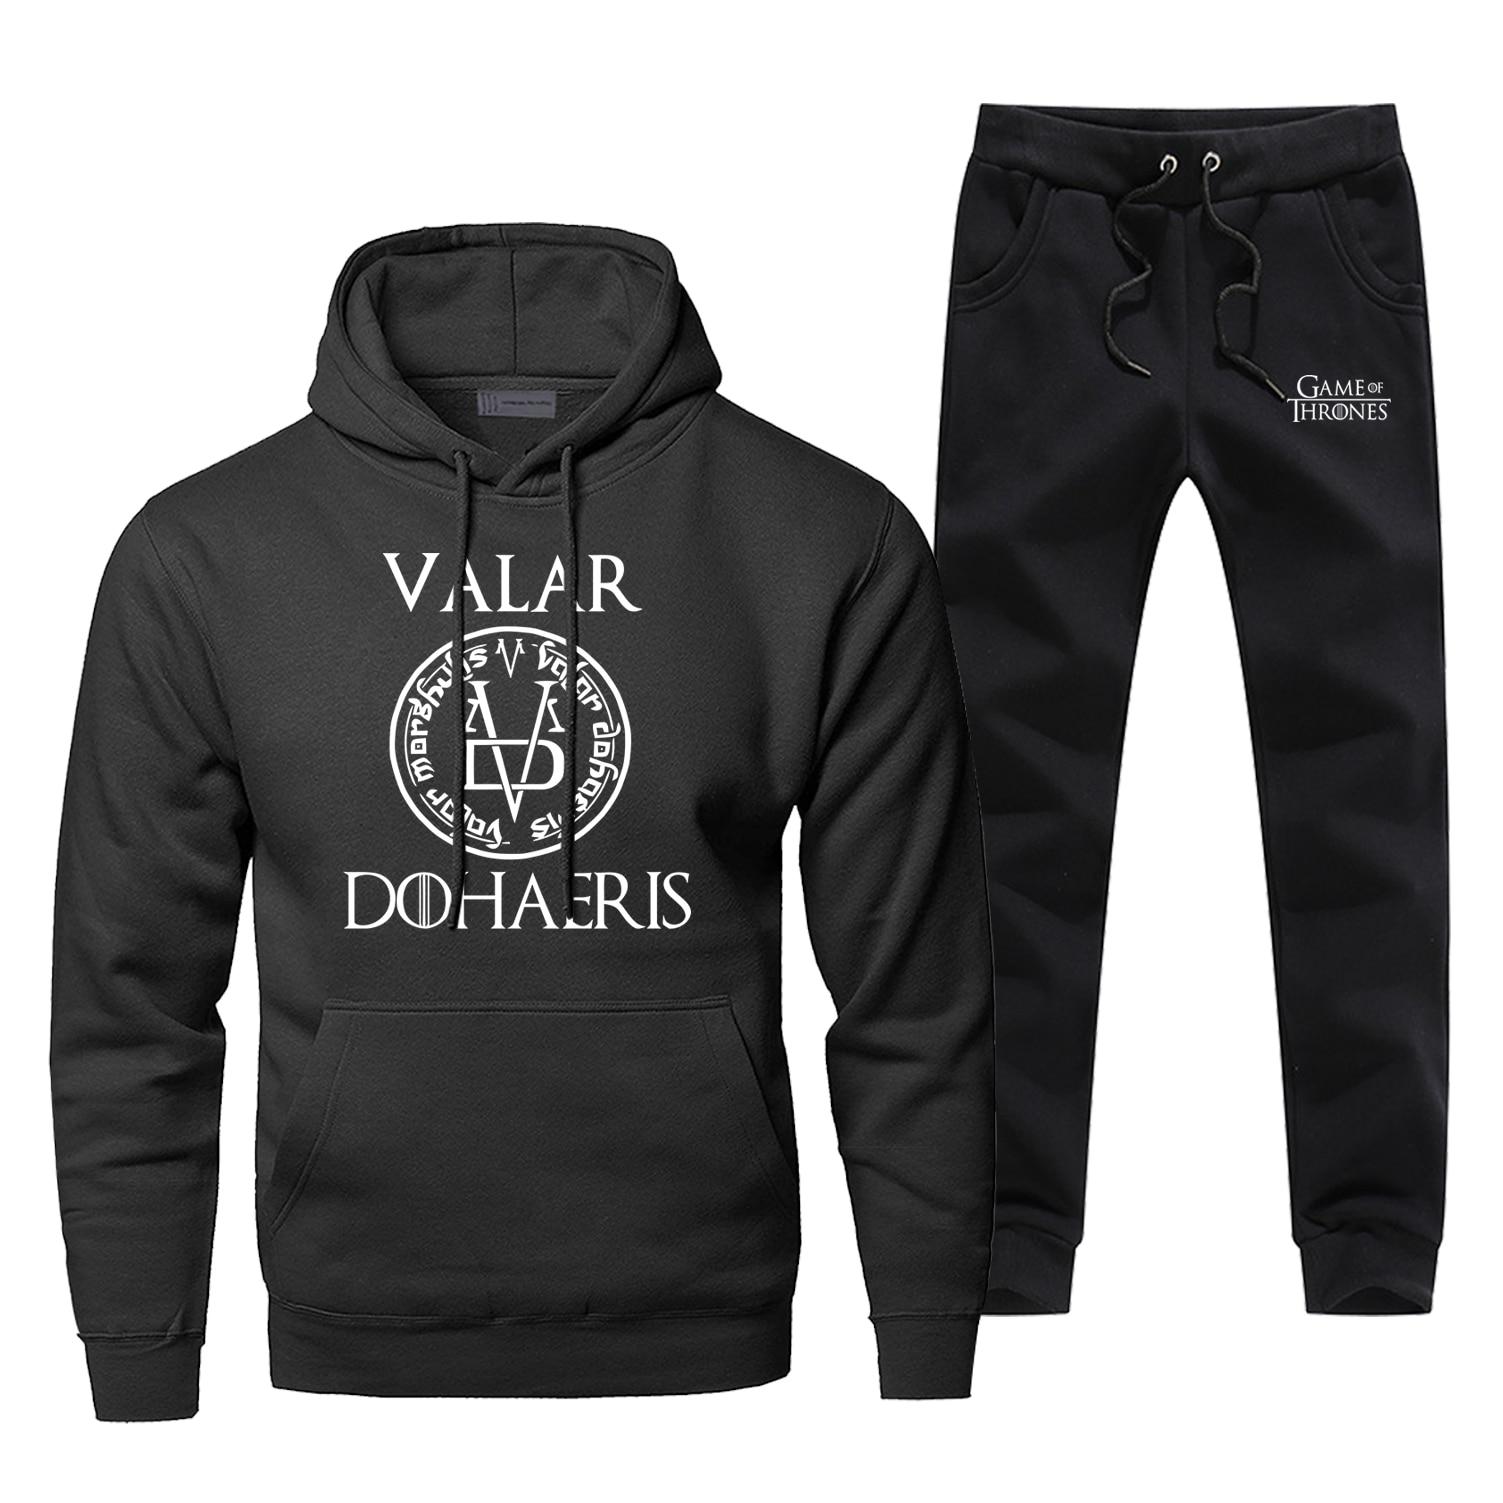 Hoodies Pants Set Game Of Thrones Valar Dohaeris Men Hoodie Sweatshirt Mens Hoodies Pollover 2 Piece Set Streetwear Sweatshirts